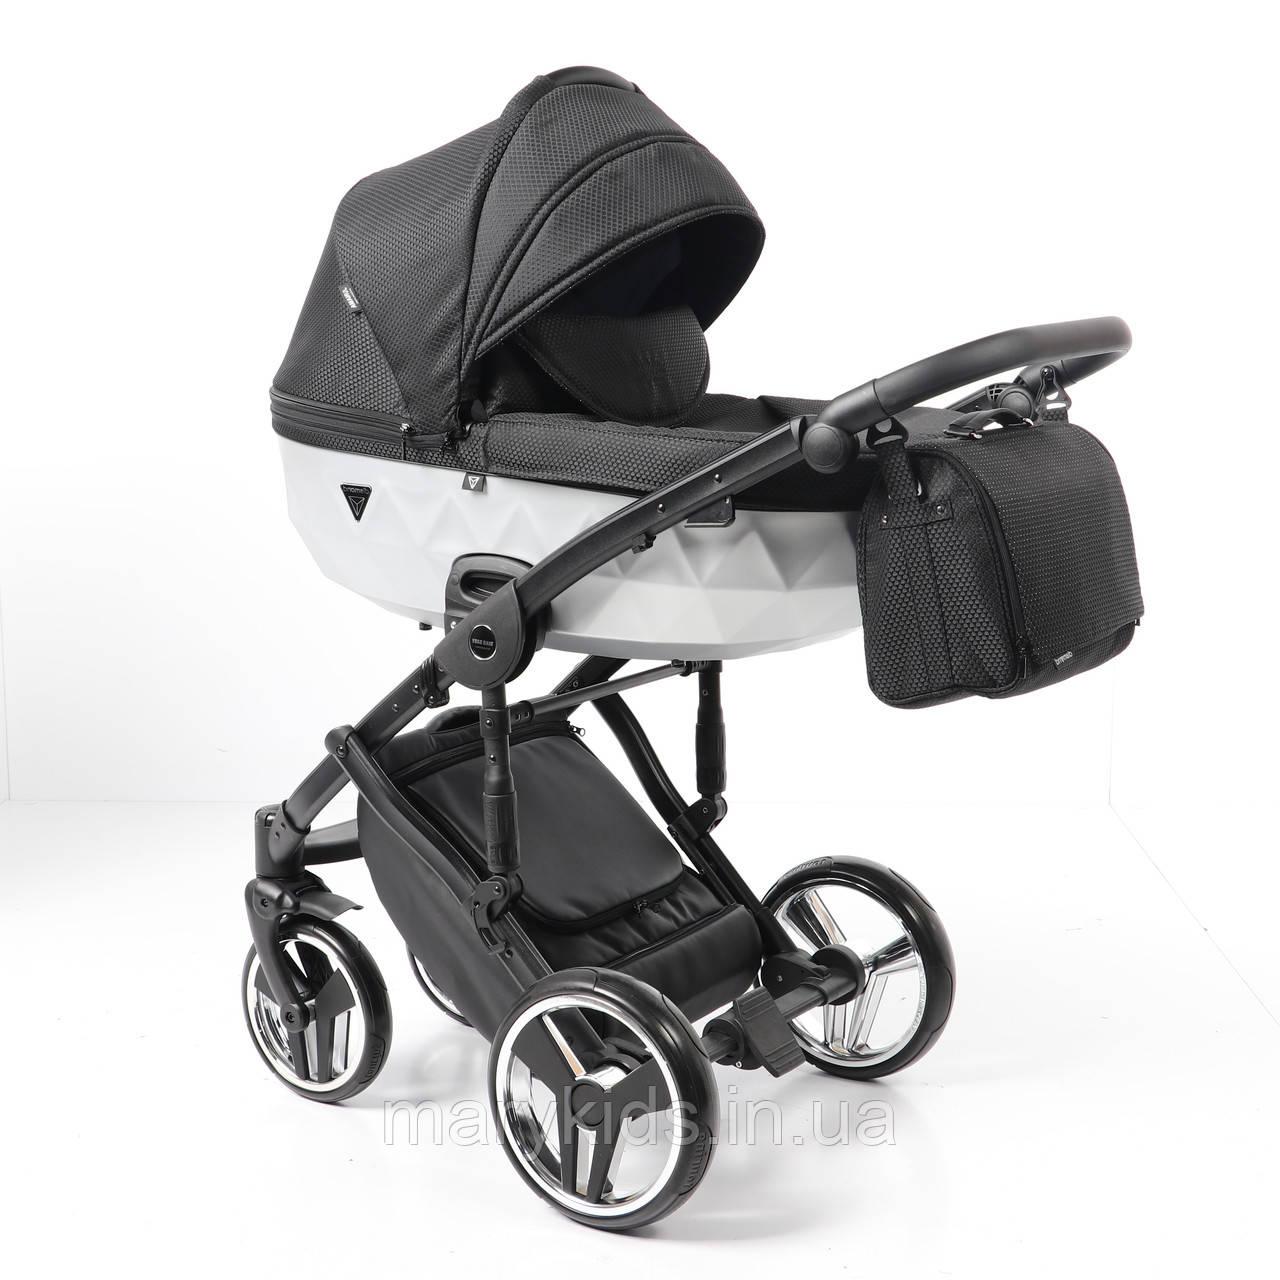 Детская универсальная коляска 2 в 1 Junama Mirror Satin 01